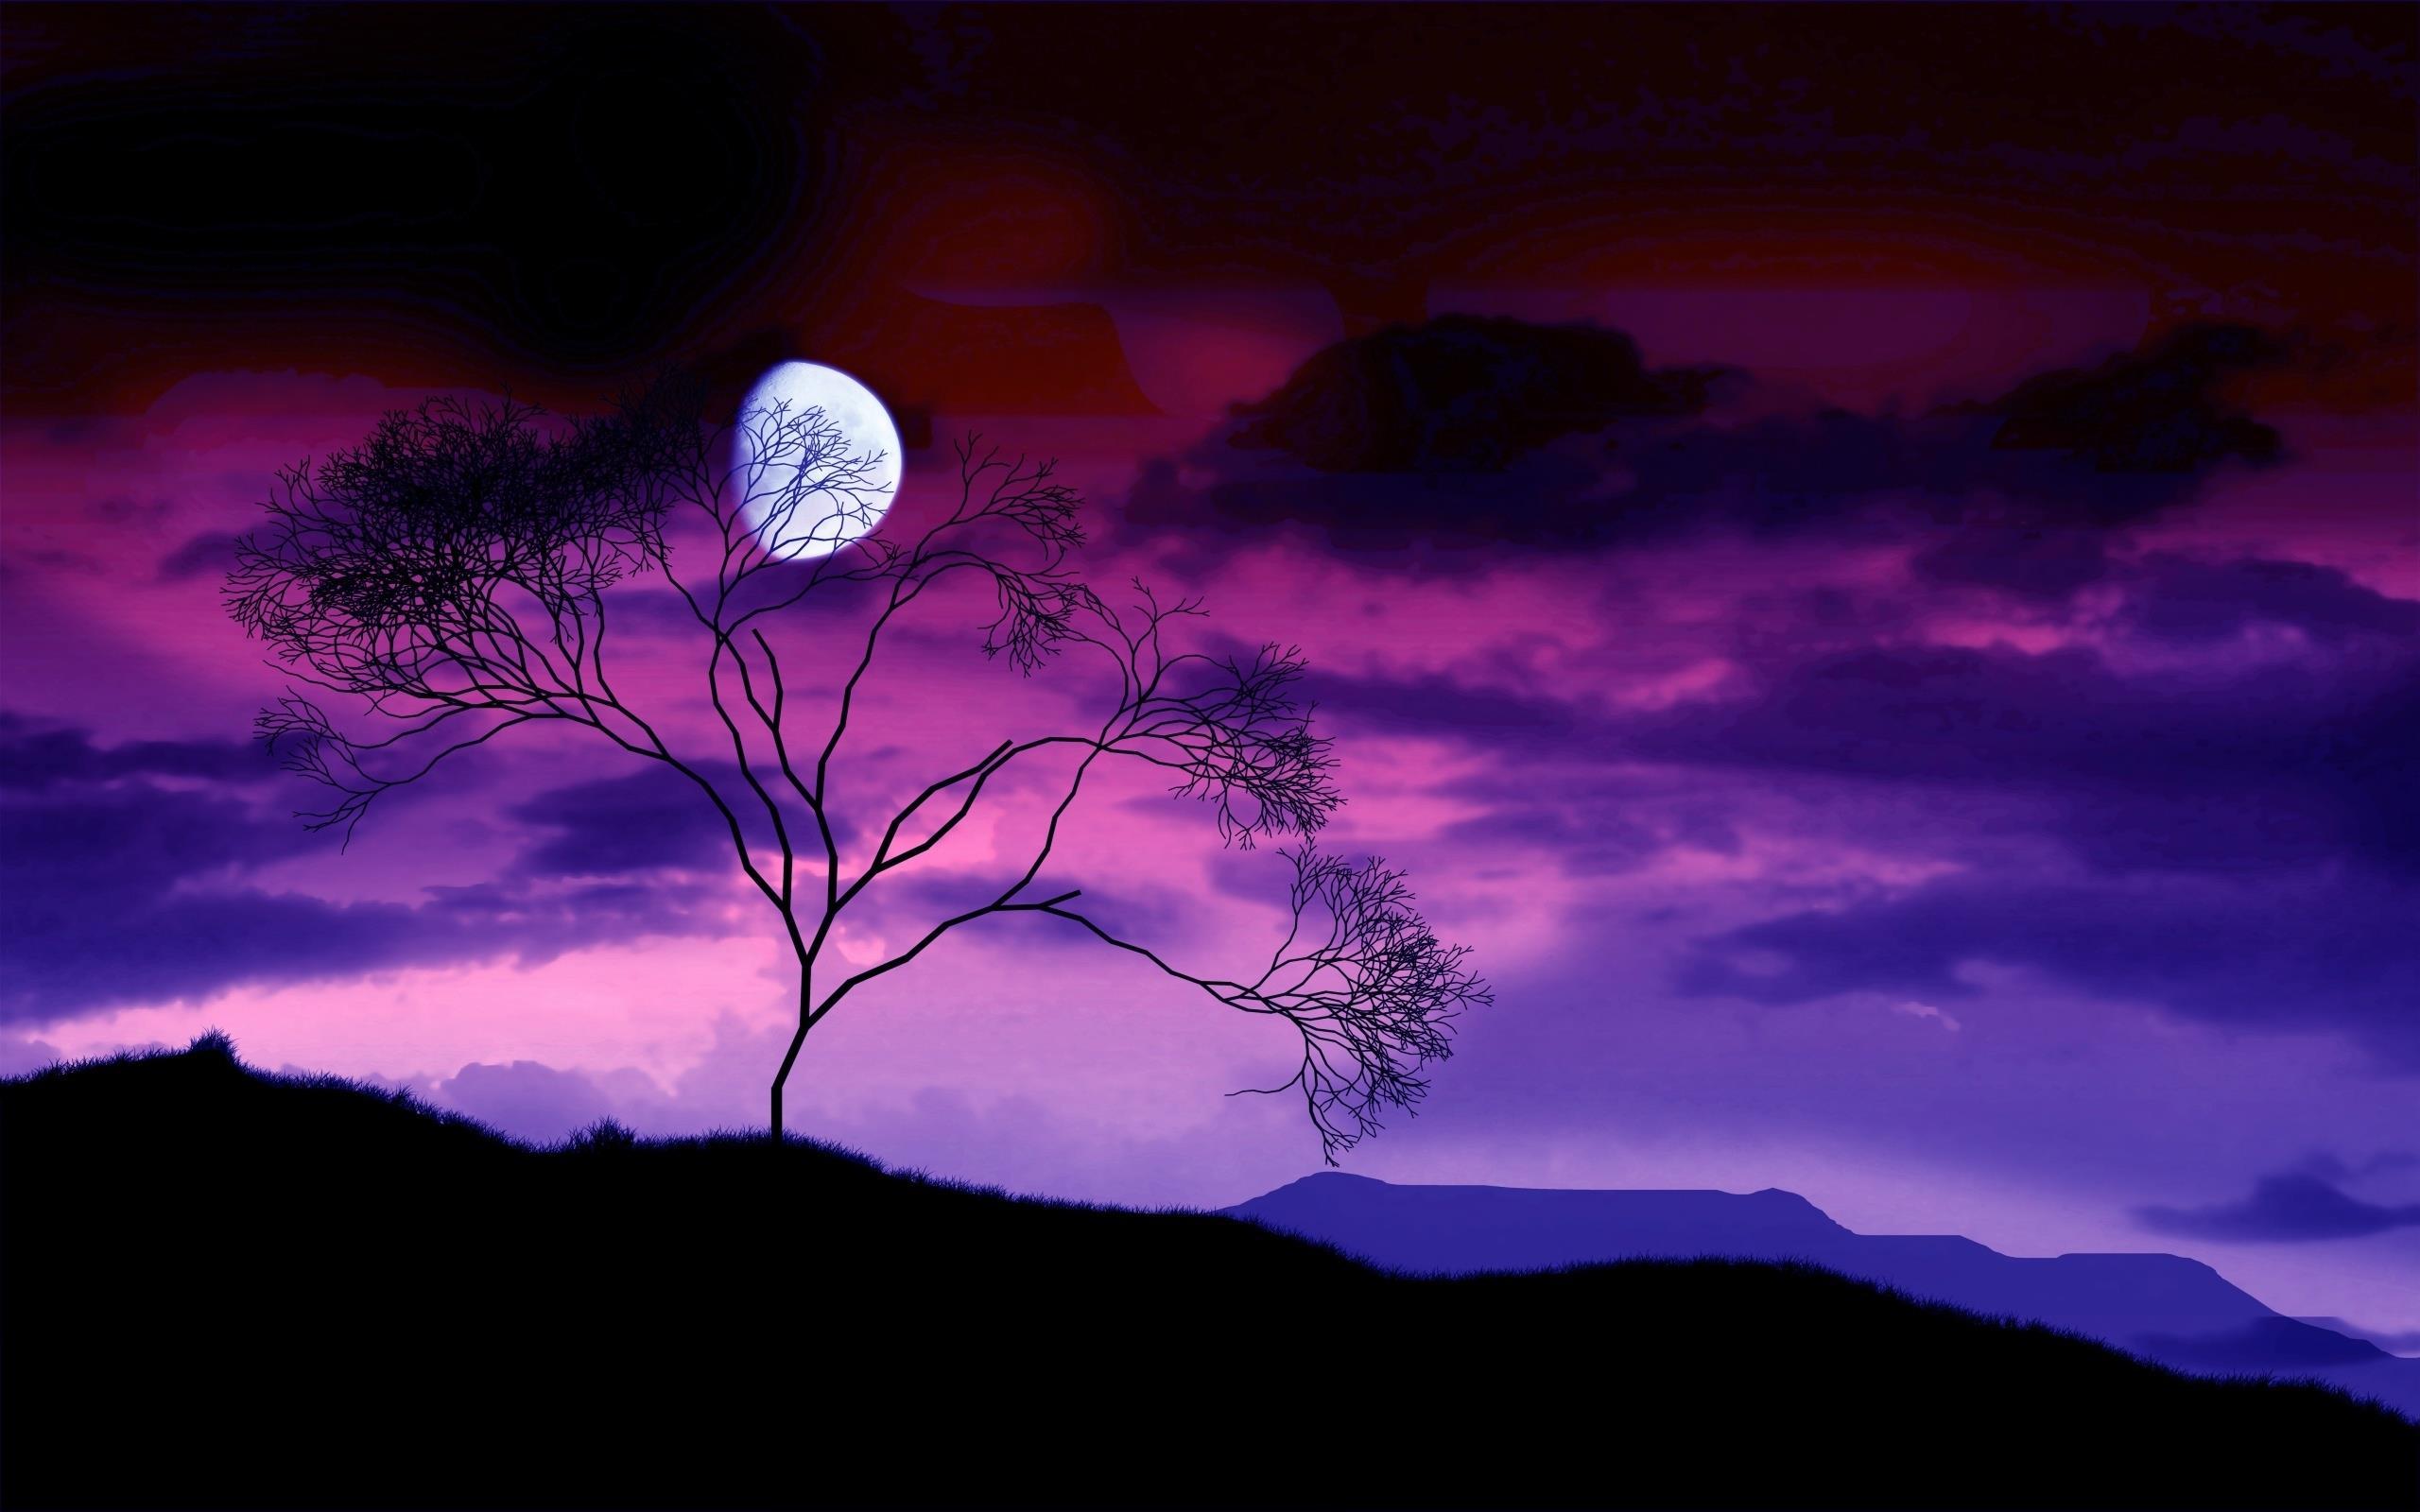 Paesaggio in controluce con un albero spoglio e la Luna